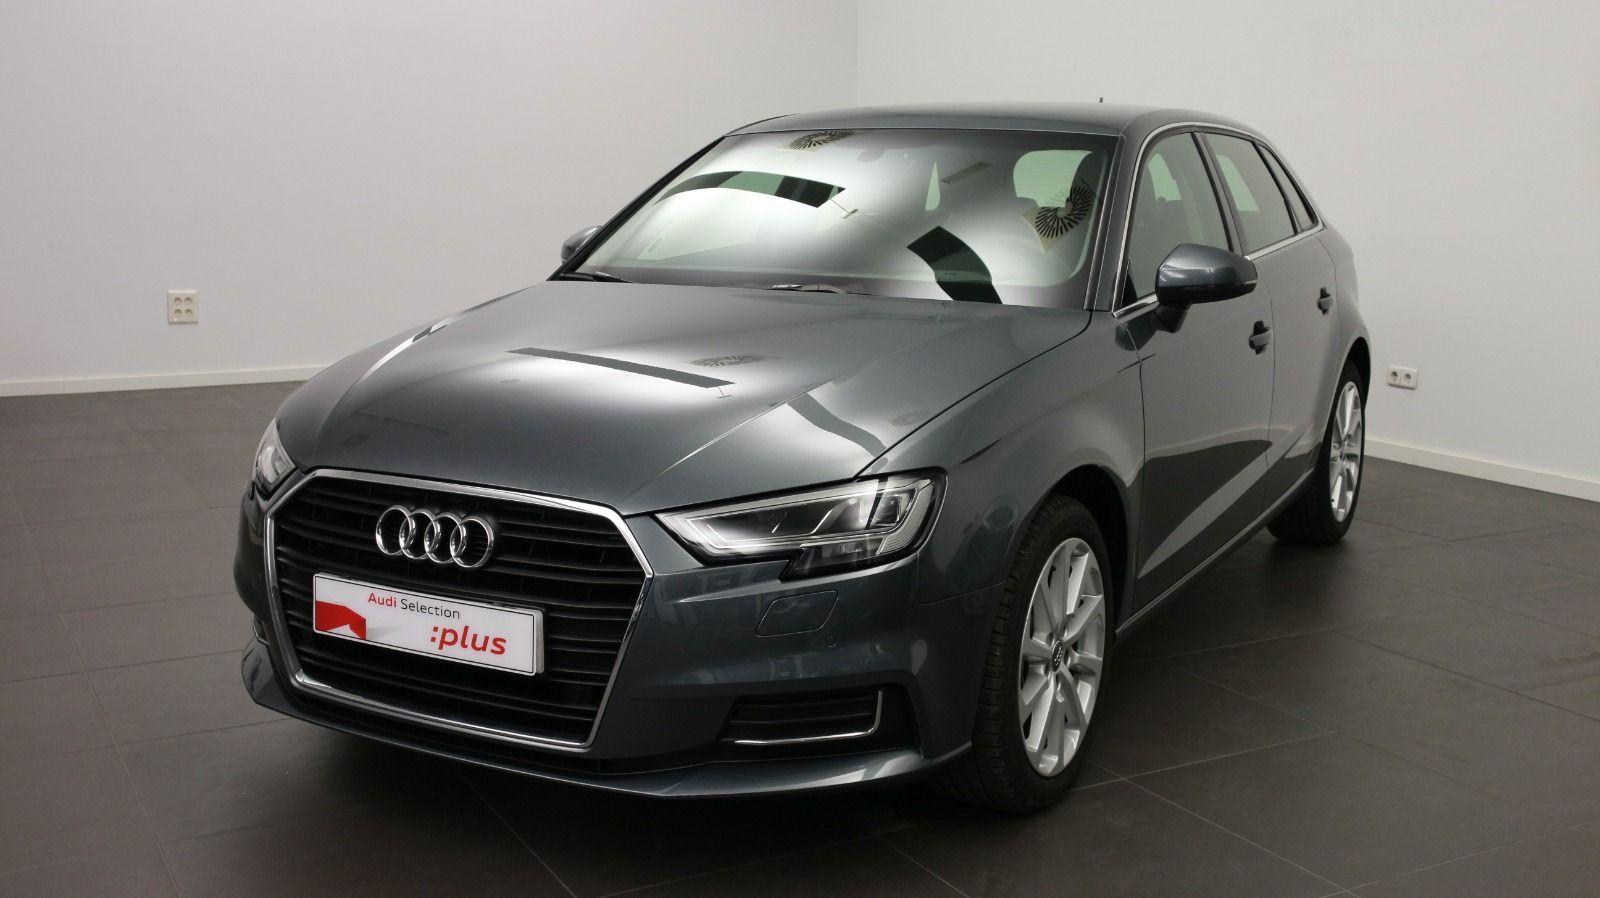 El coche que andas buscando está en Audi Selection :plus de Audi Gandia Motors